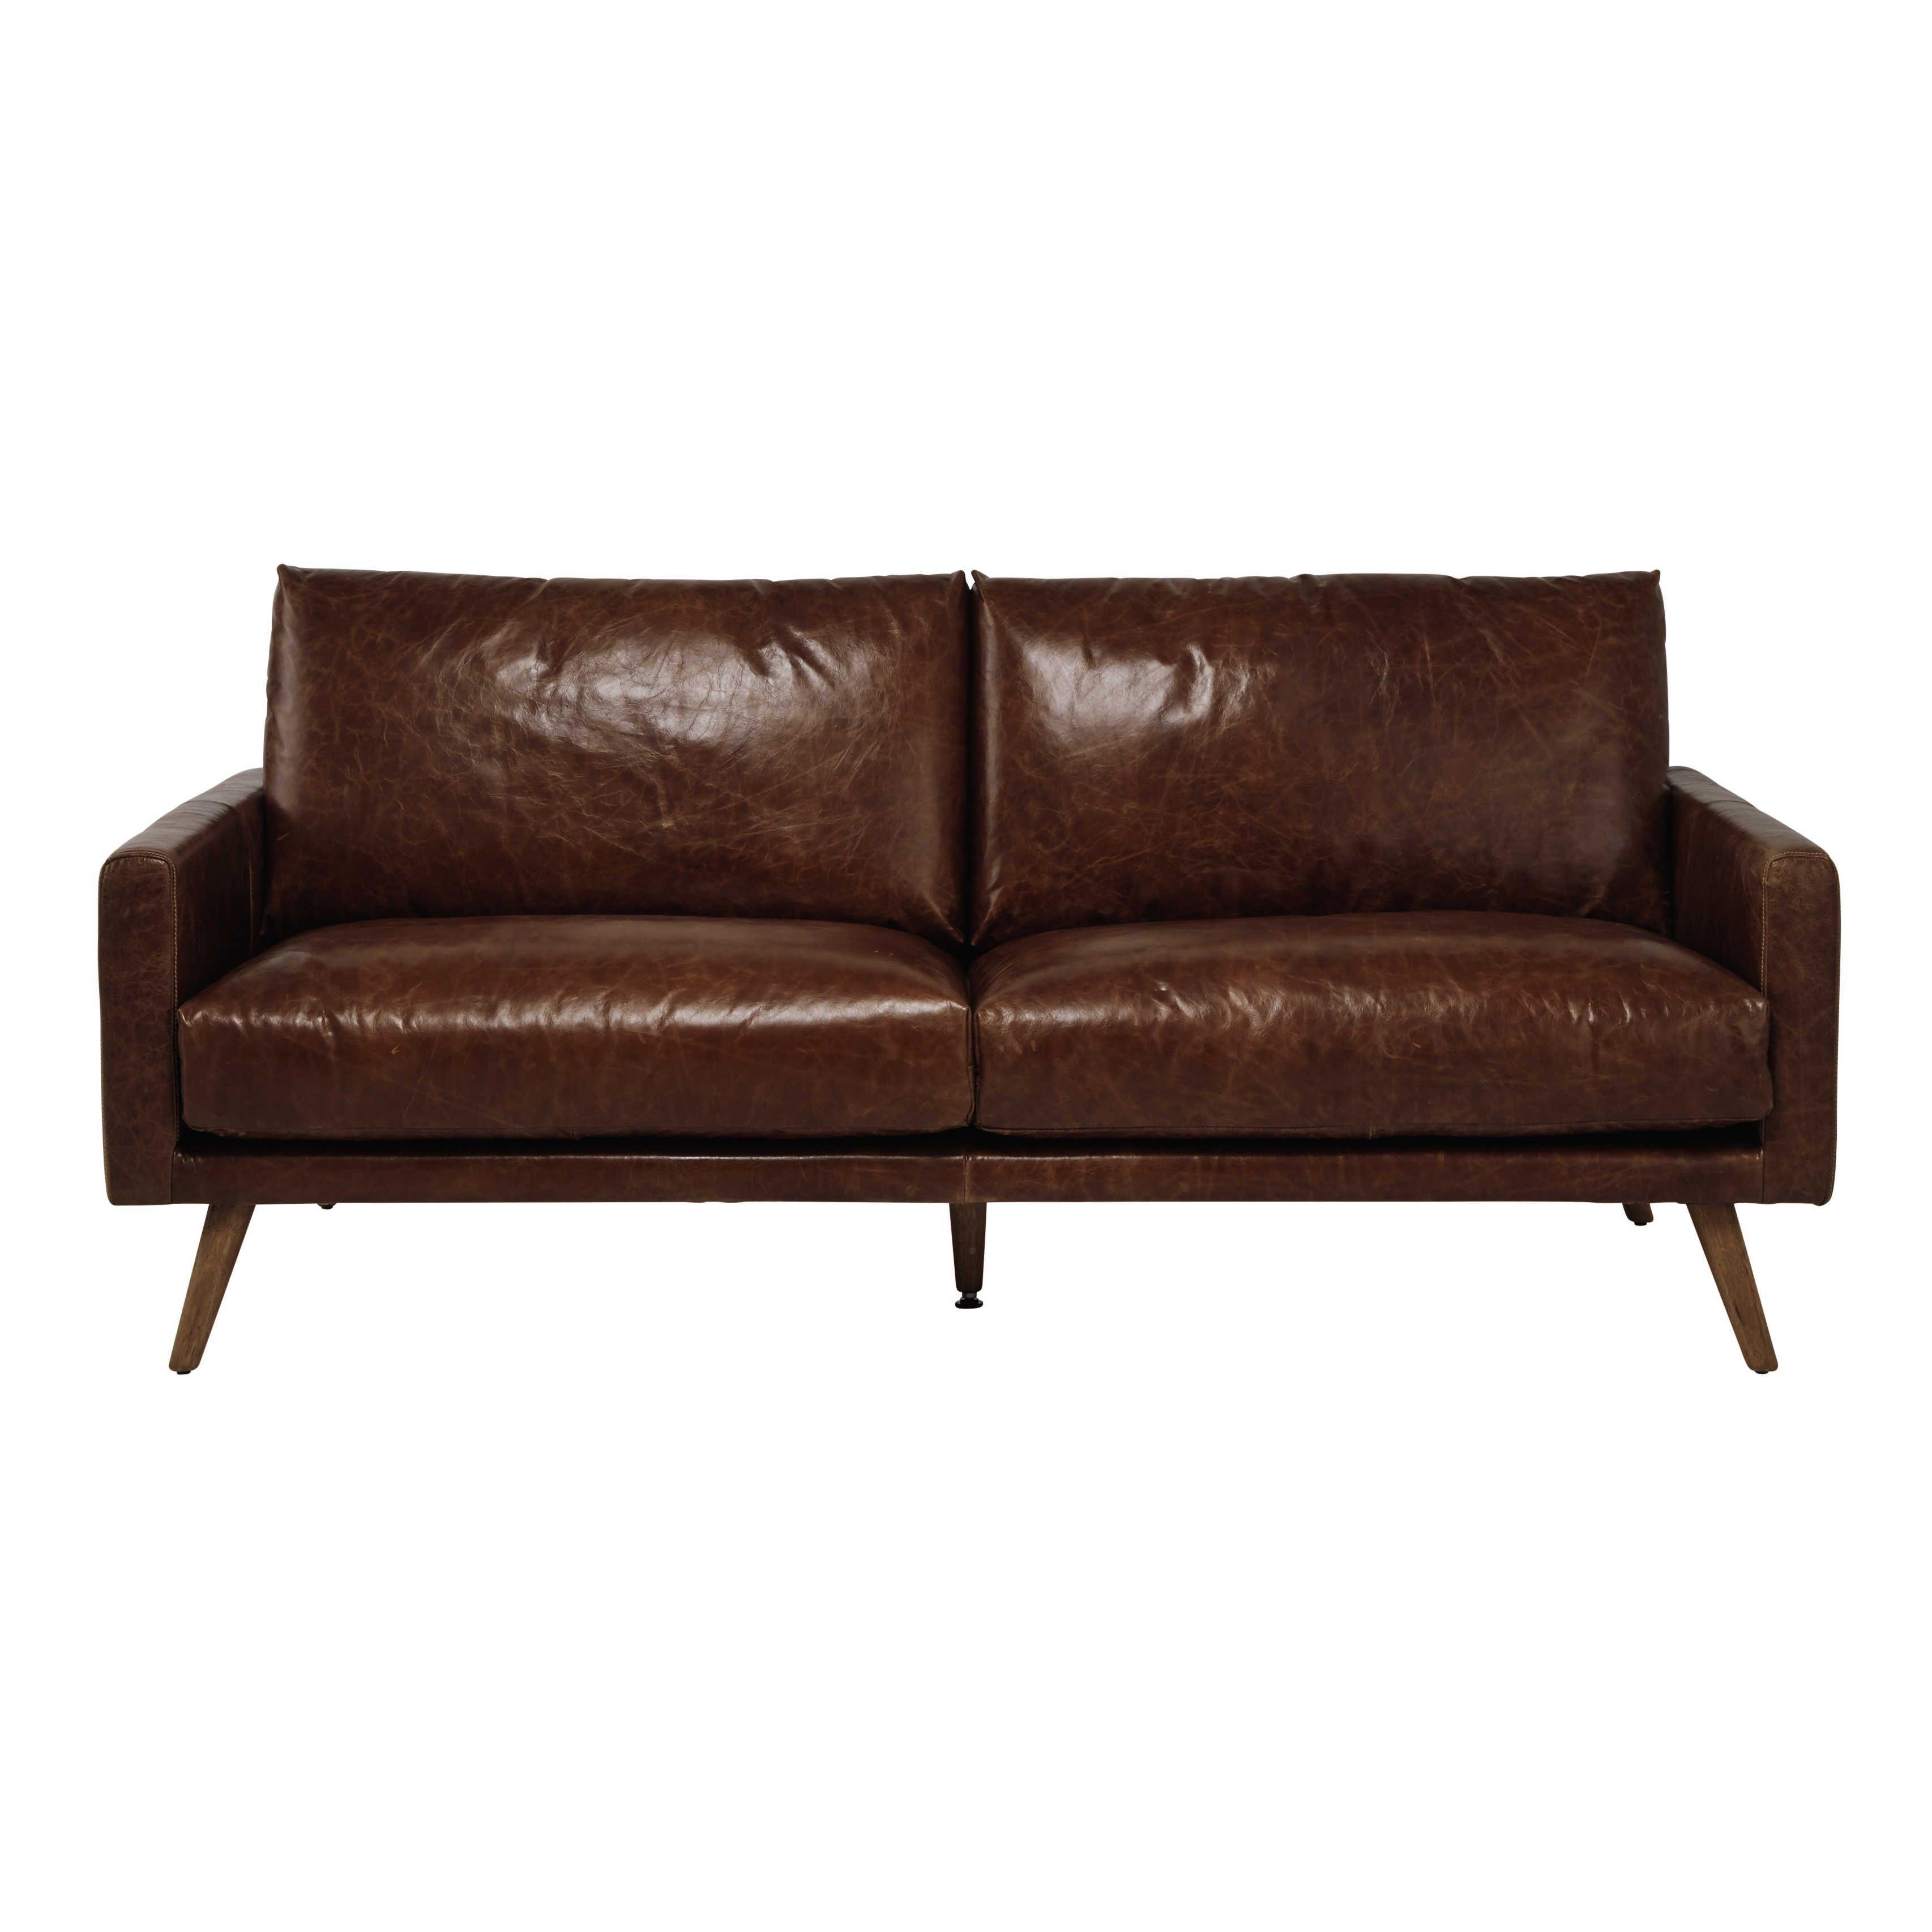 Canapé 3 places en cuir marron cognac